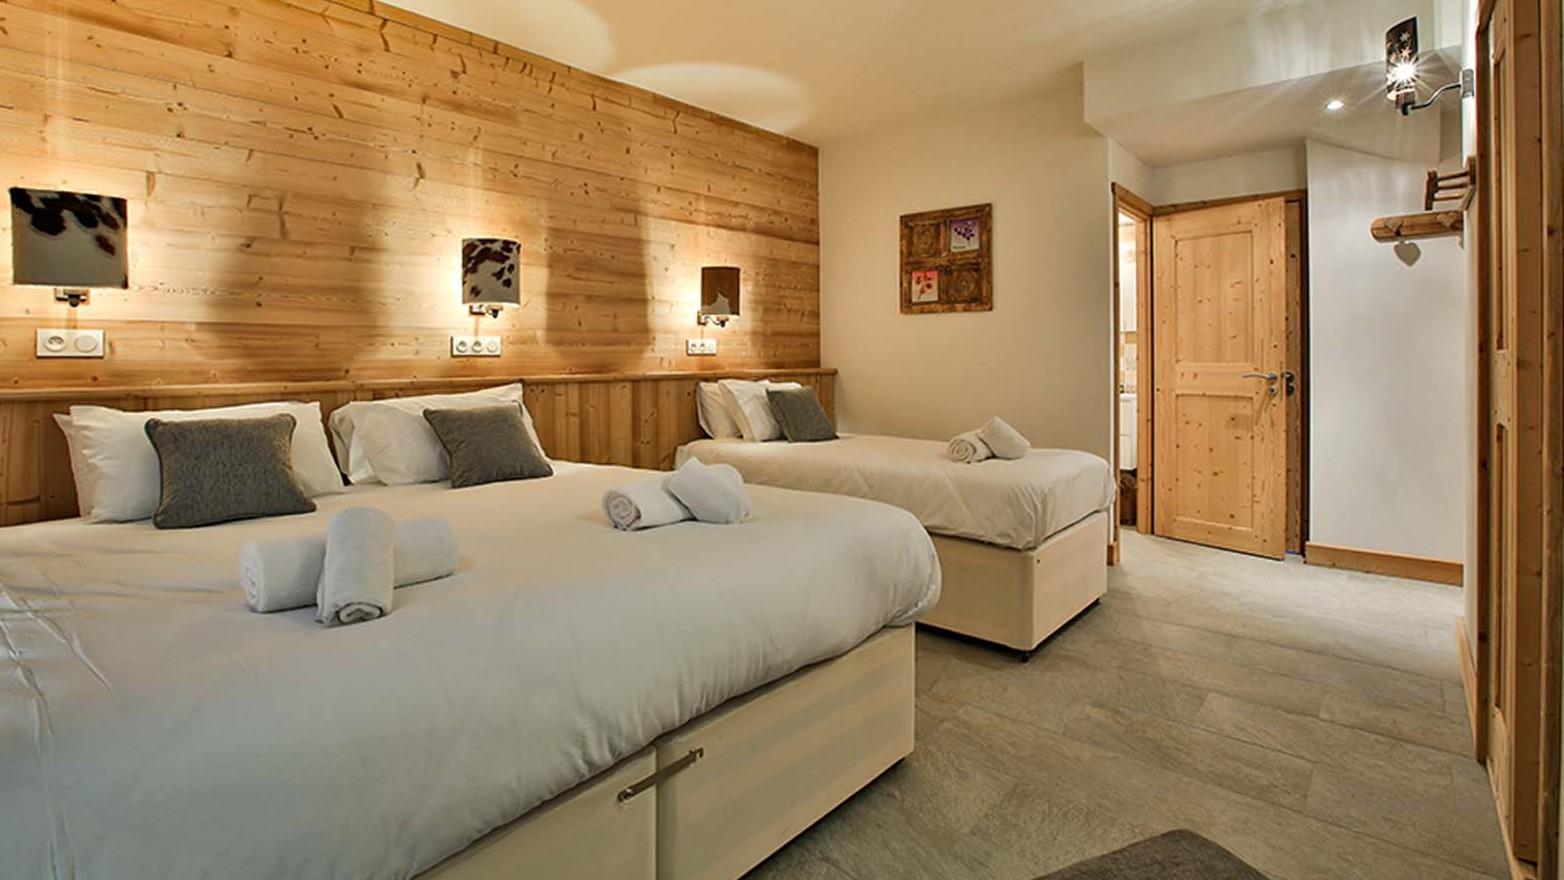 Bedroom, Chalet Crocus Blanc, La Plagne, France